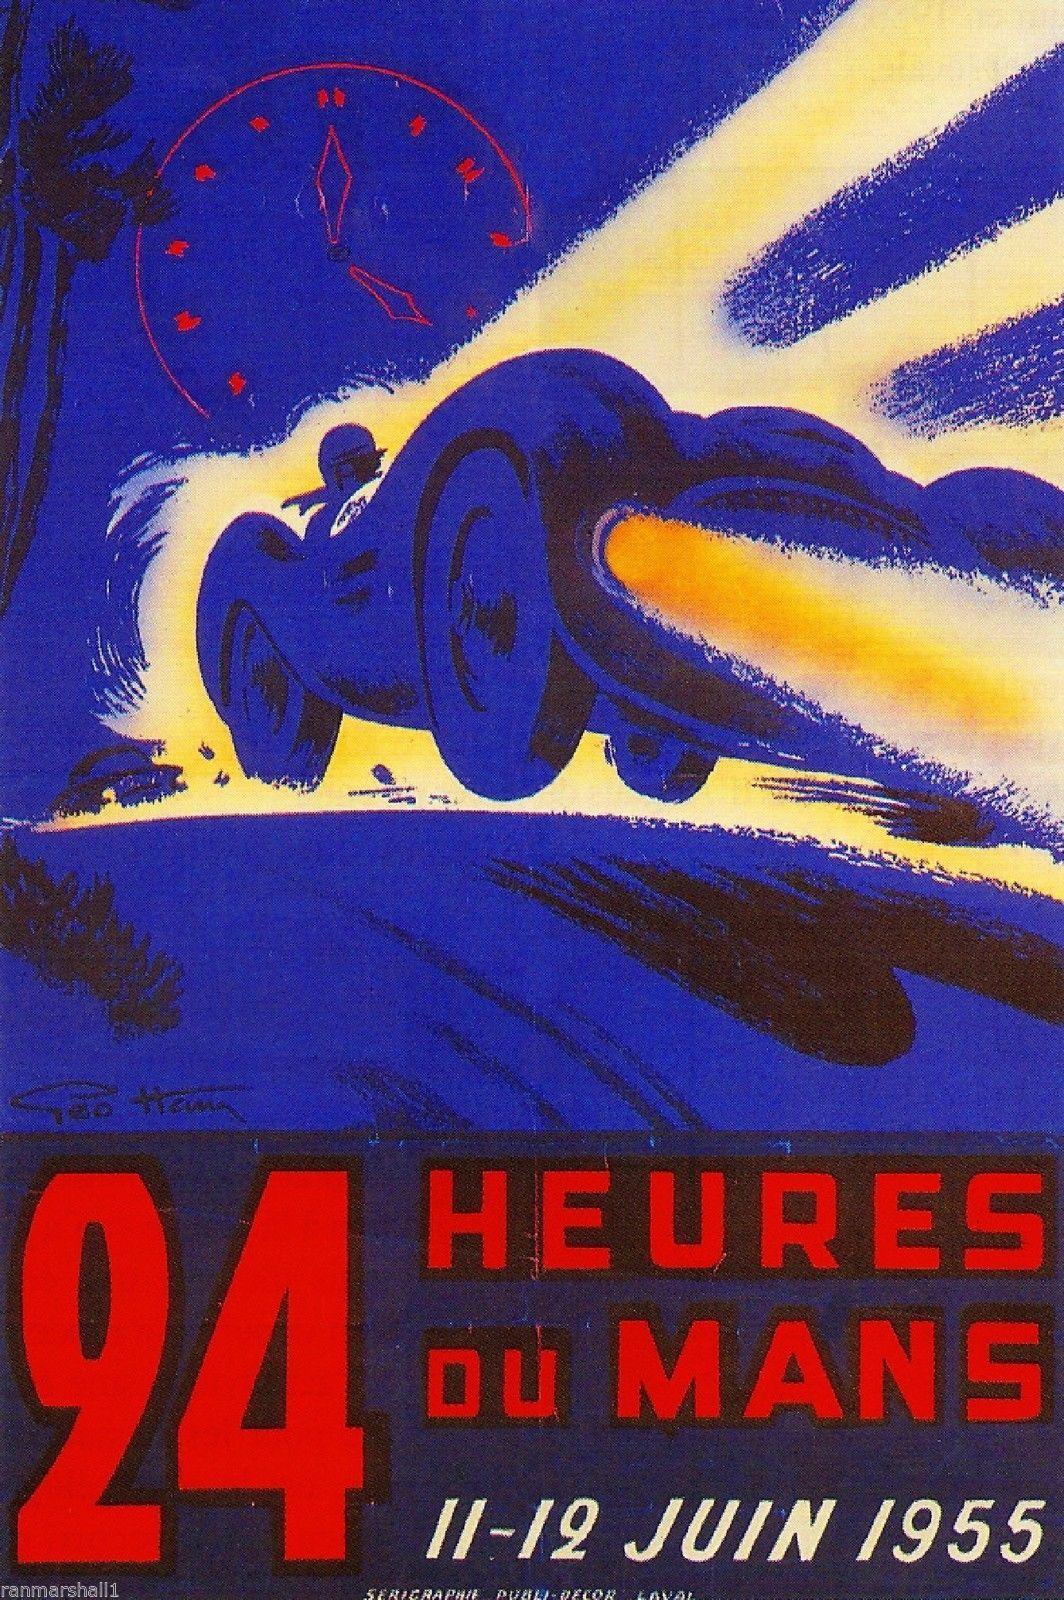 1955 24 Hours Le Mans France Automobile Race Car Advertisement Vintage Poster | eBay